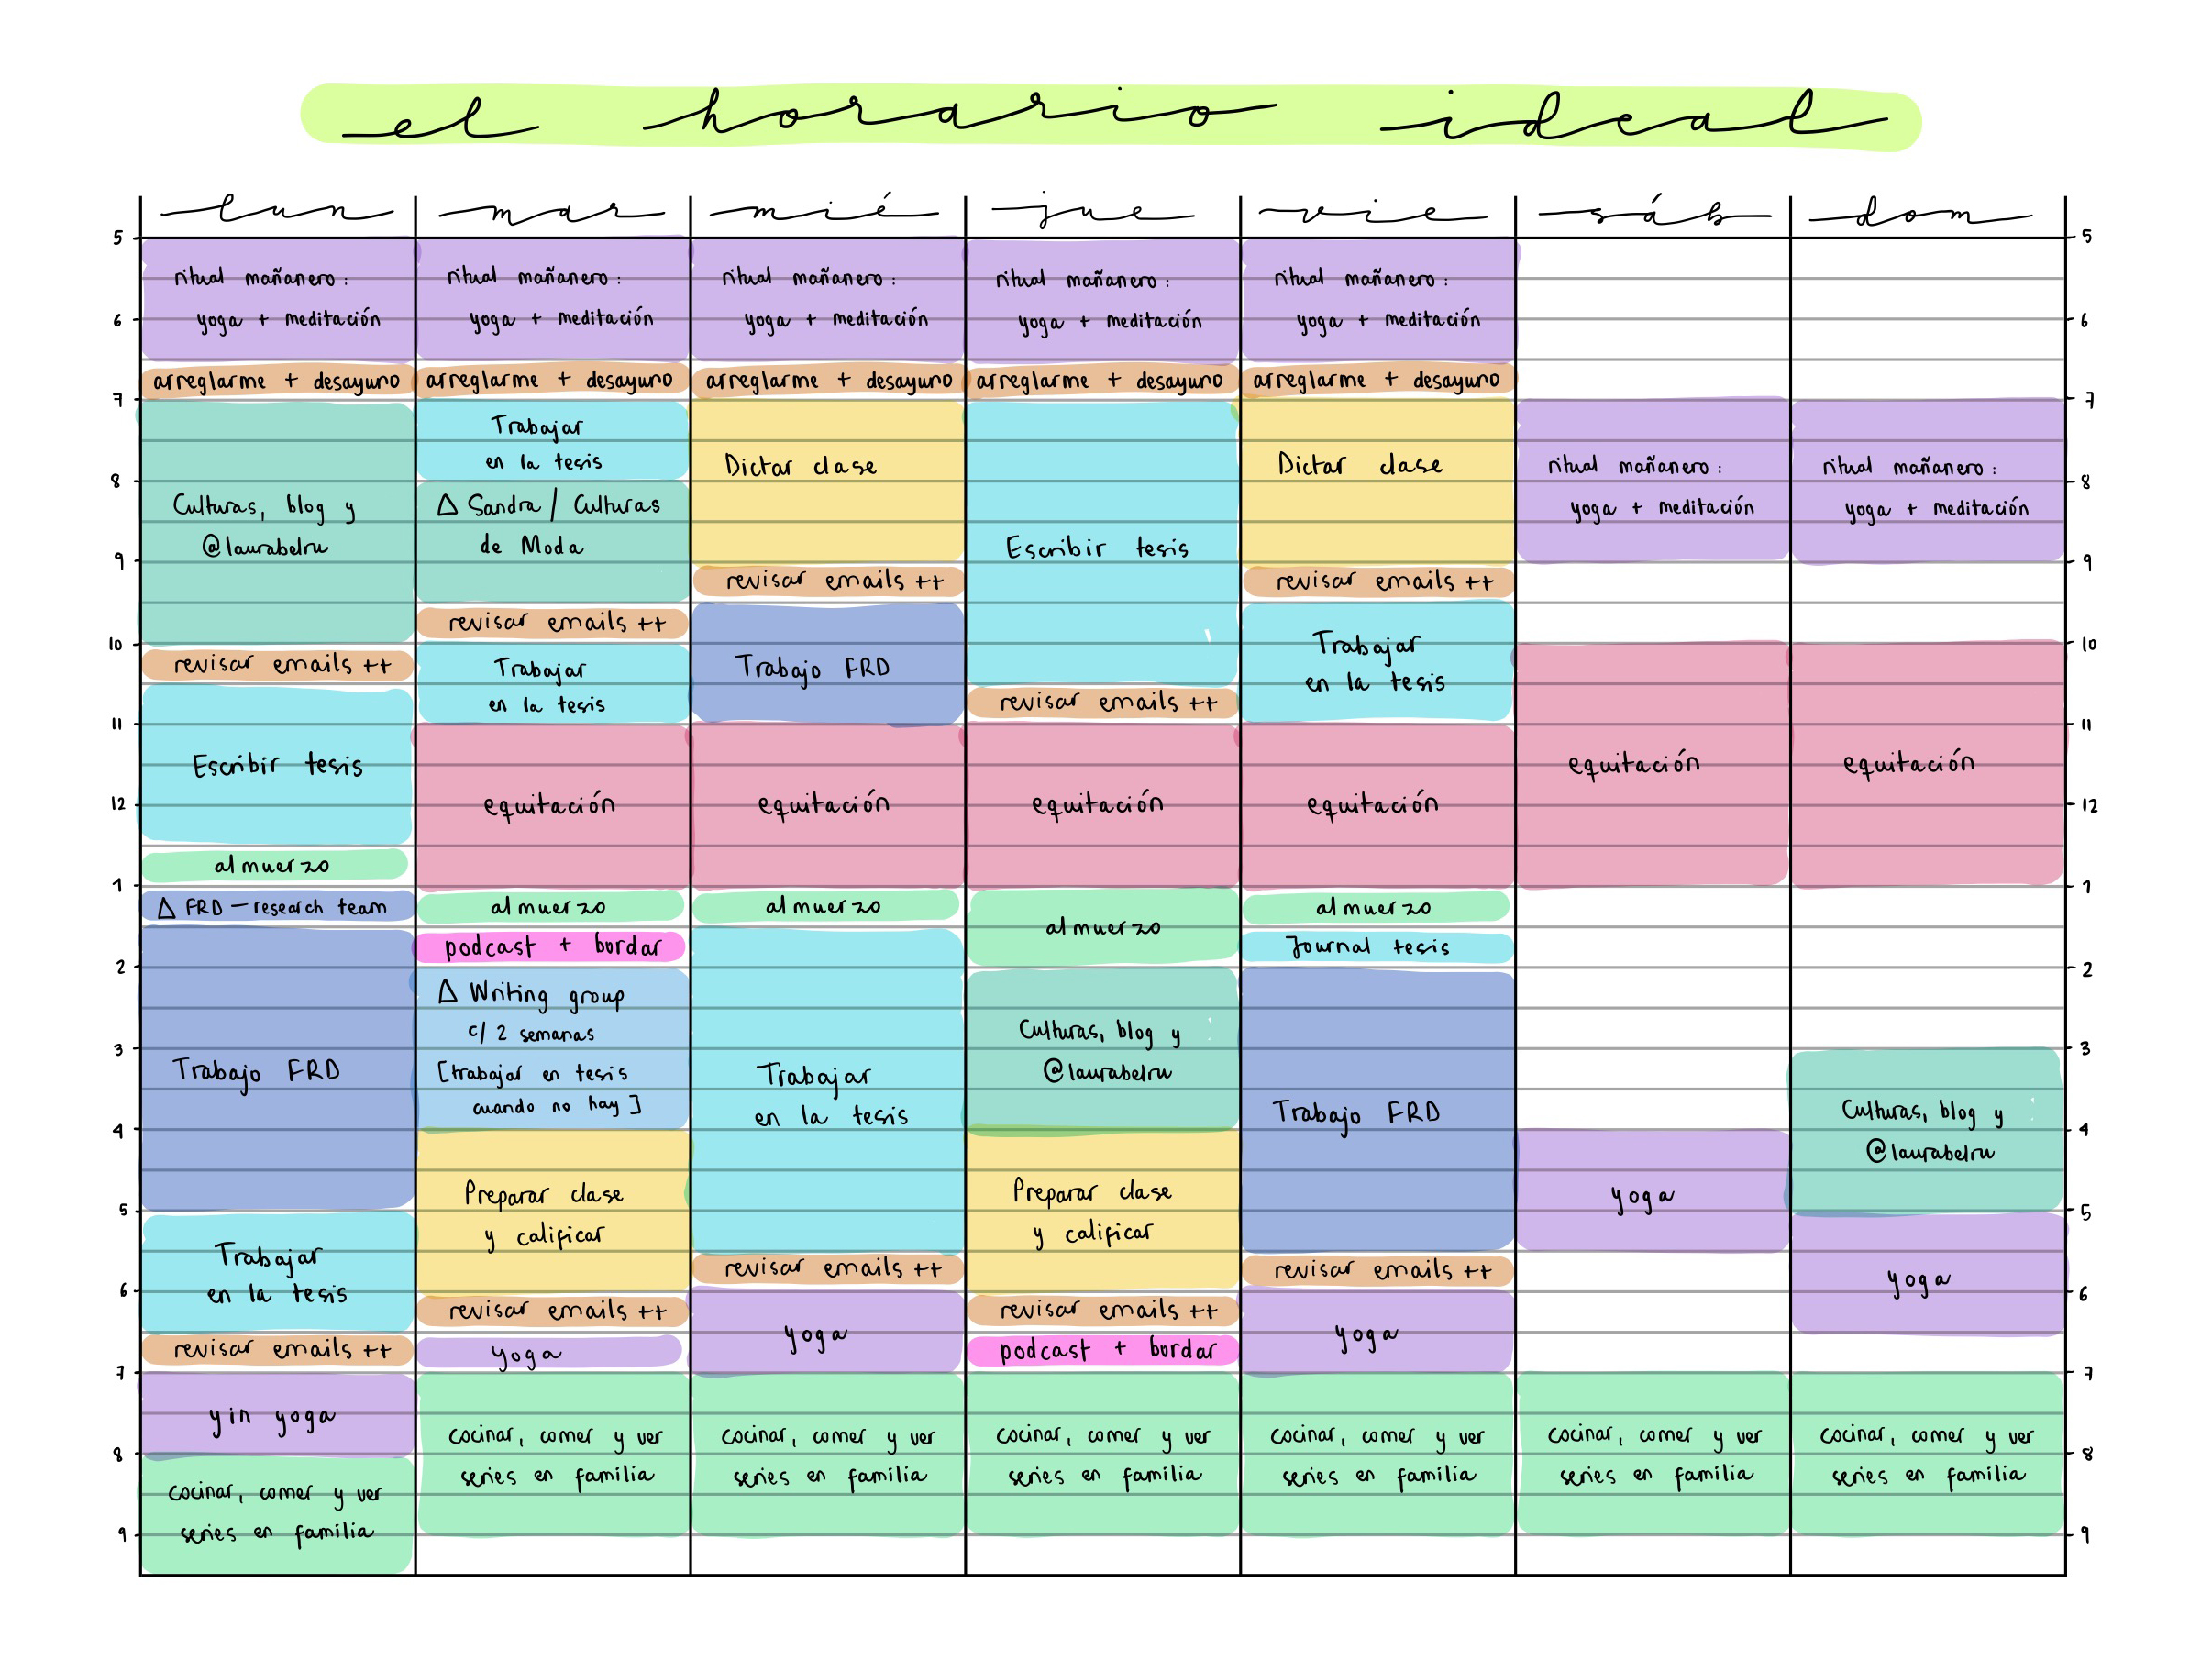 plantilla elaborar para un horario semanal con algunos elementos marcados en colores distintos